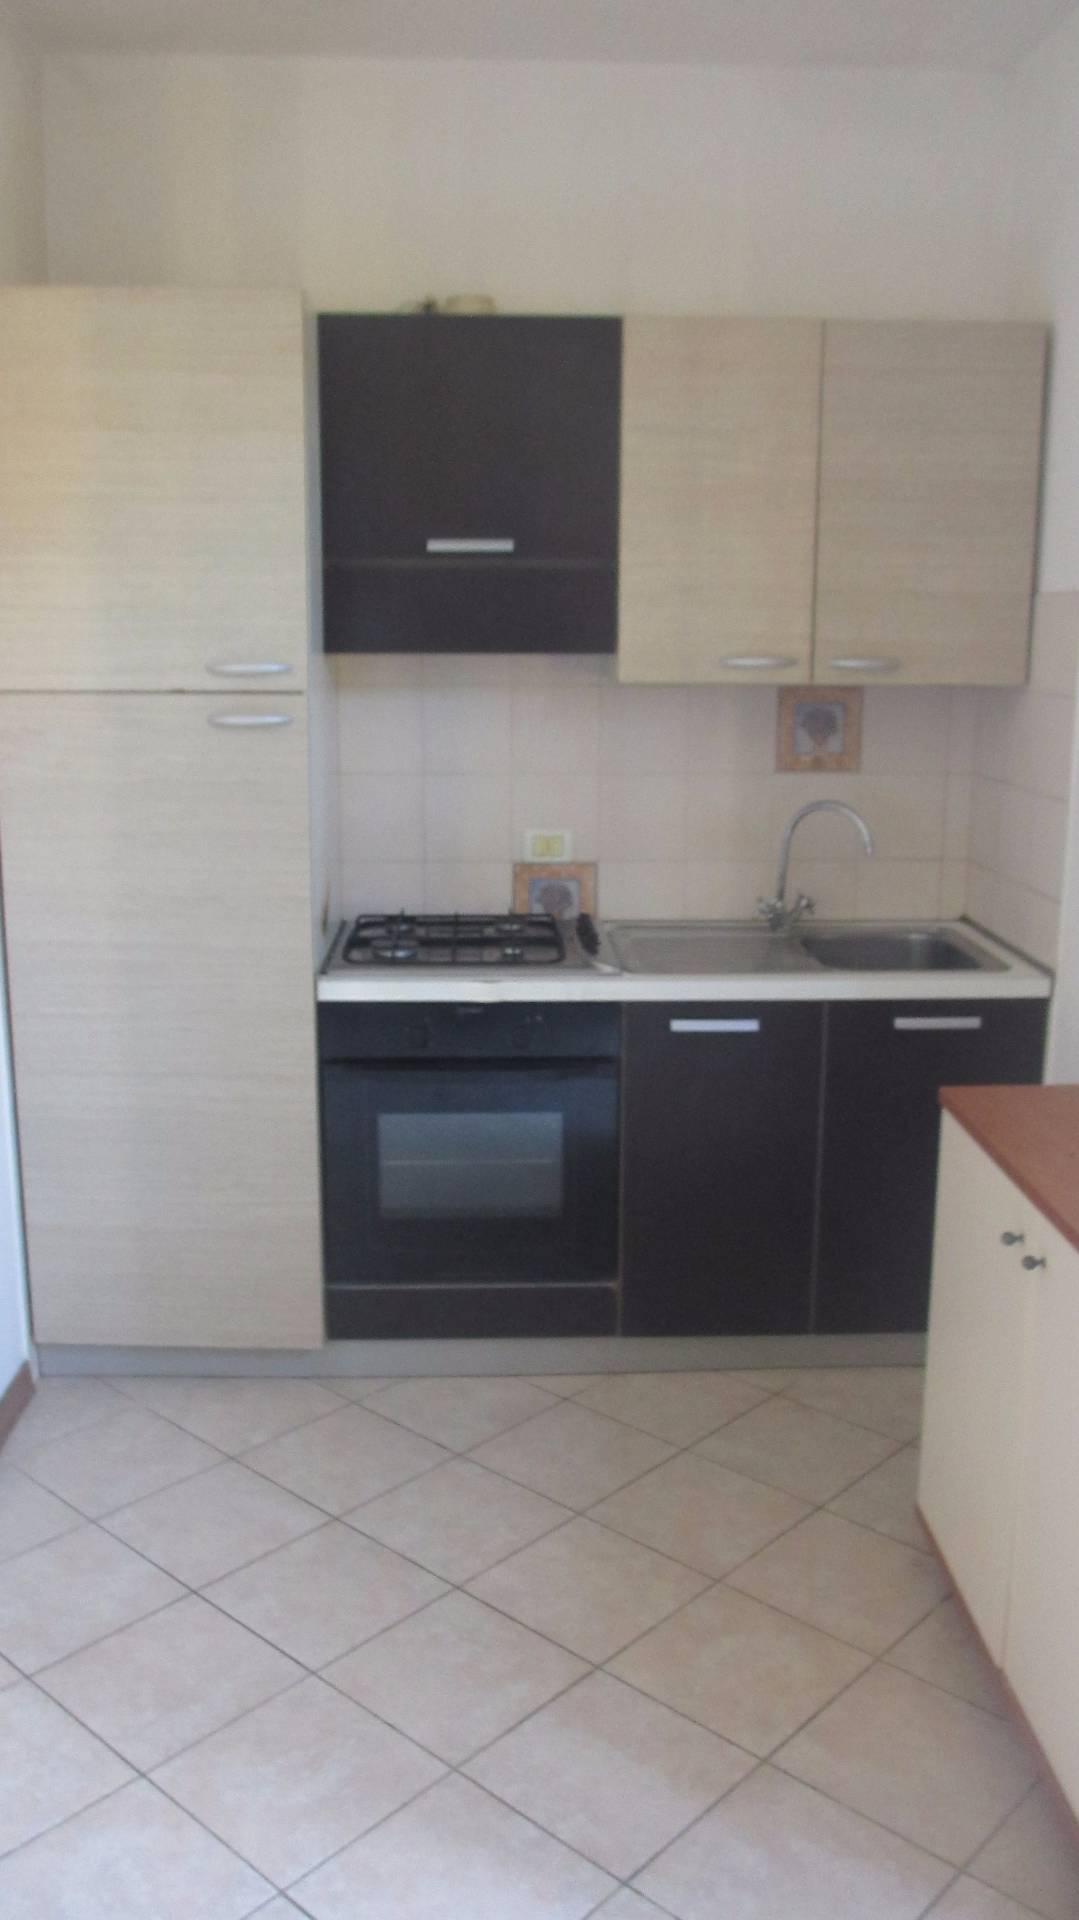 Appartamento in affitto a Capraia e Limite, 2 locali, zona Località: LimitesullArno, prezzo € 450   CambioCasa.it